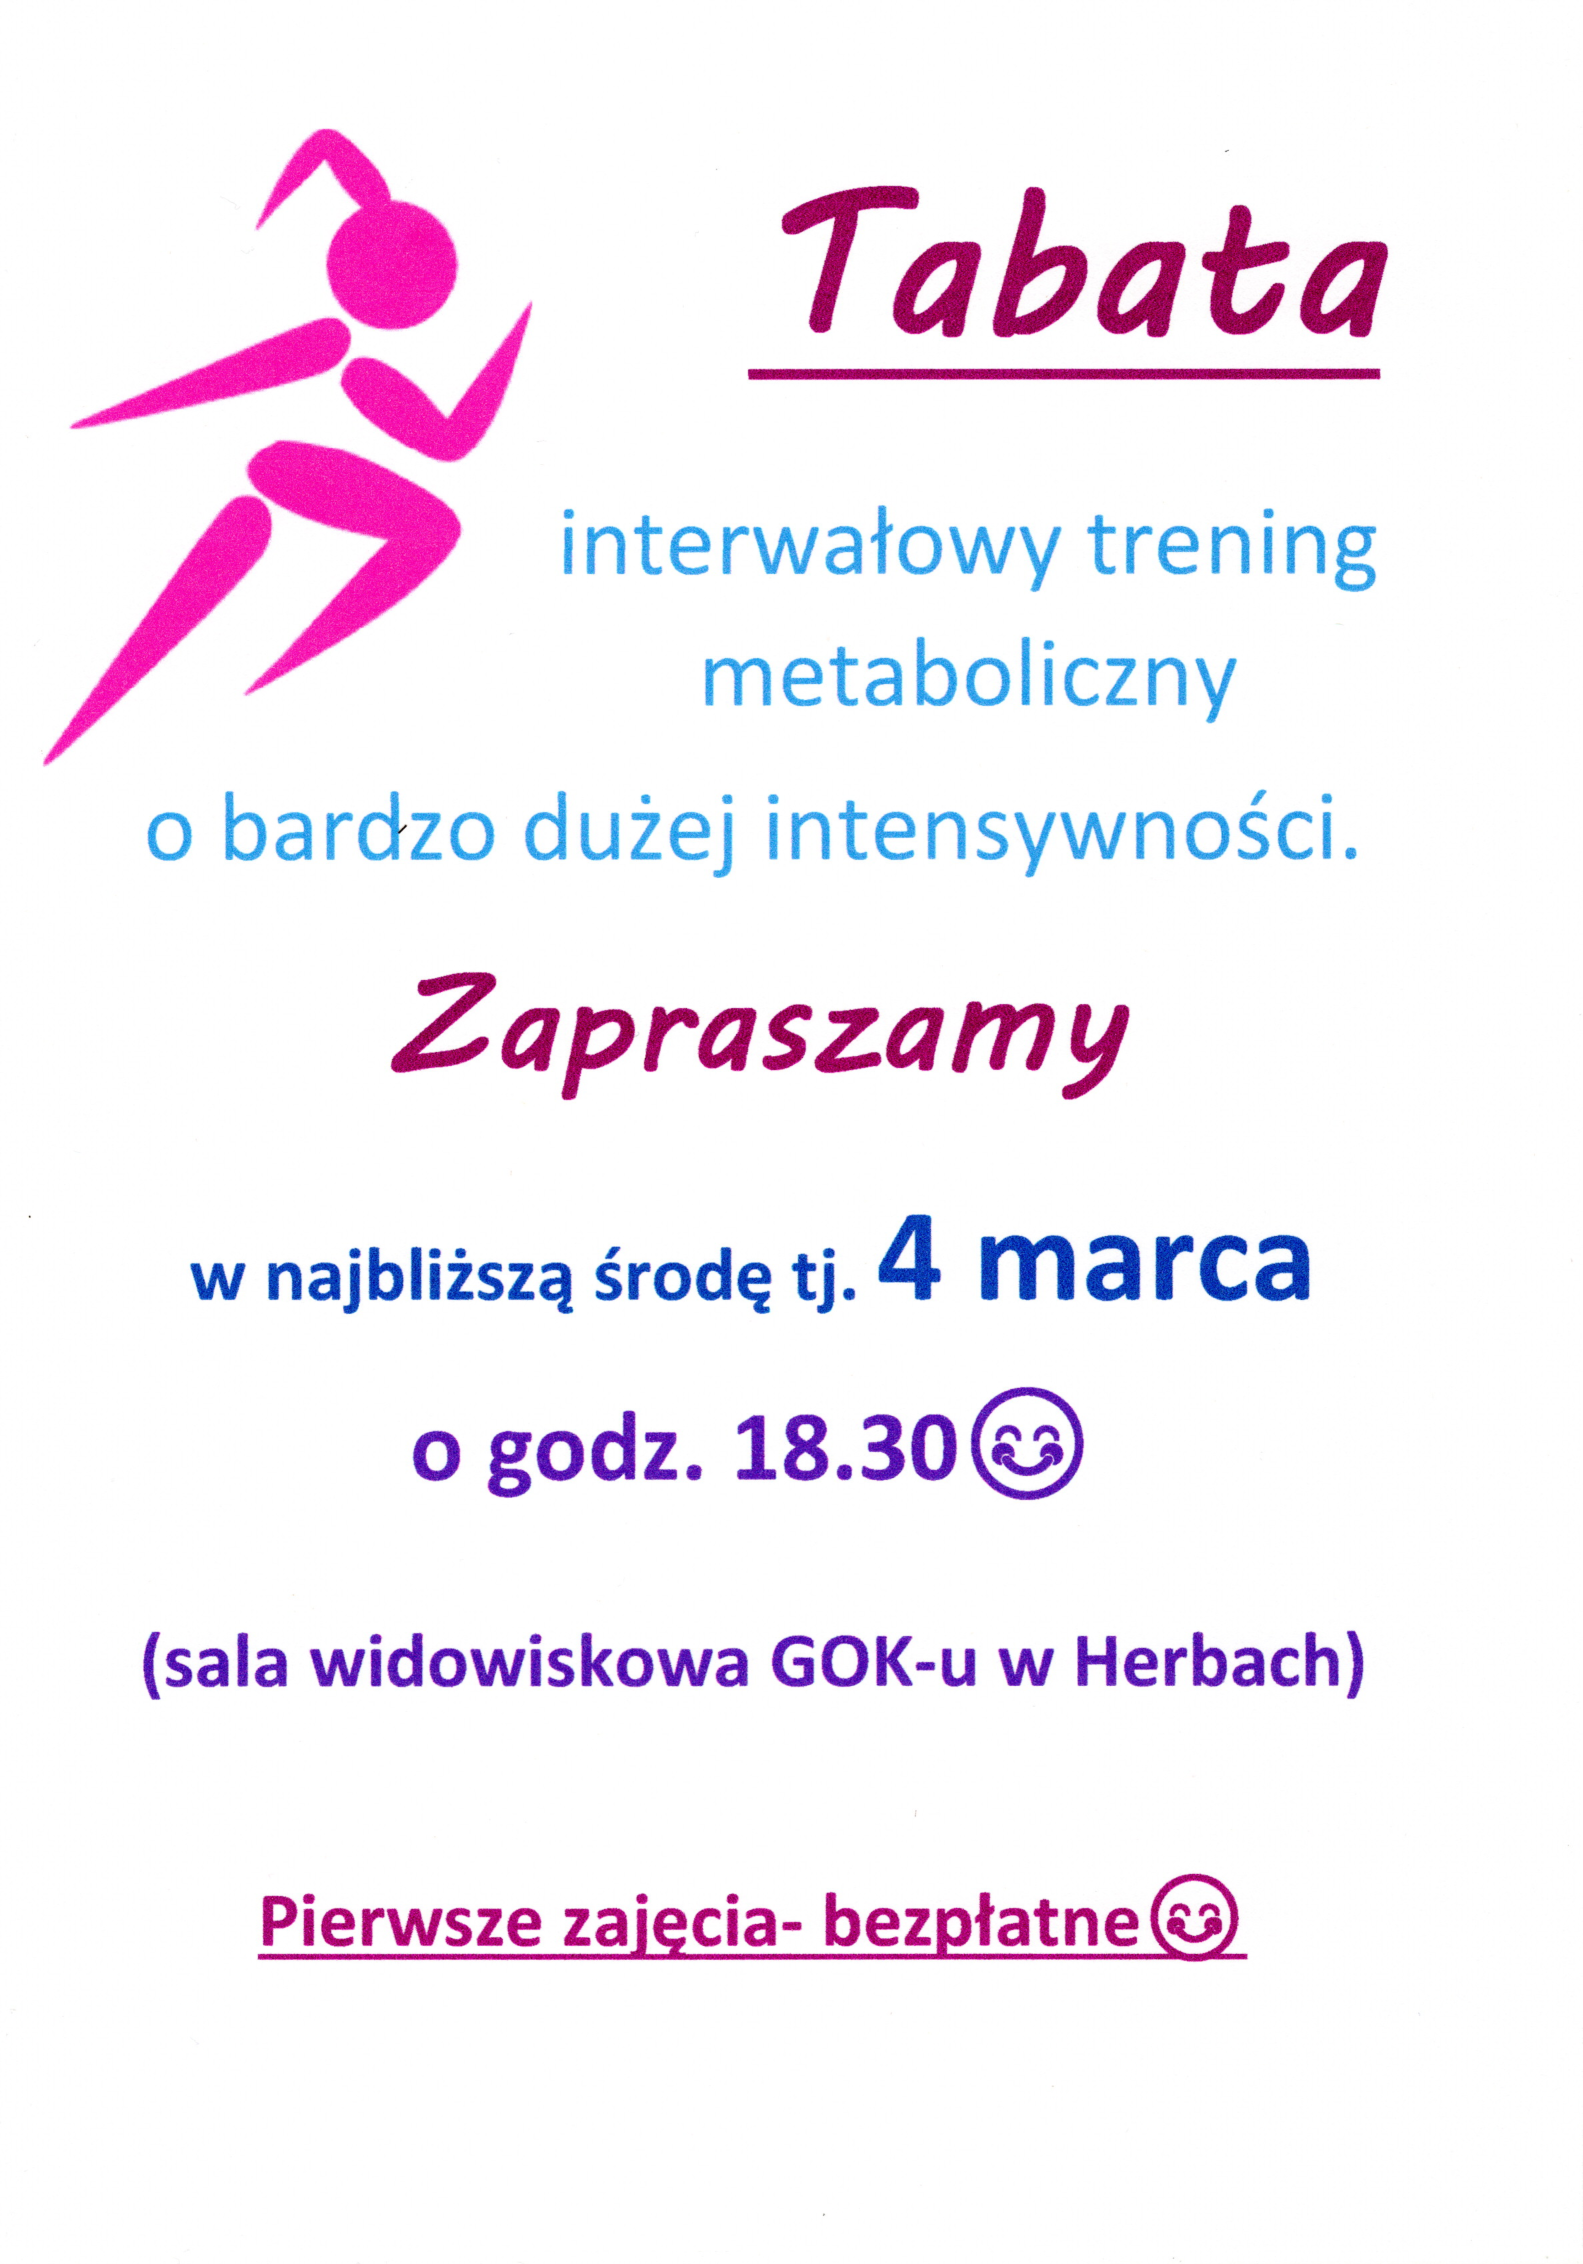 Zajęcia tabaty - plakat informacyjny